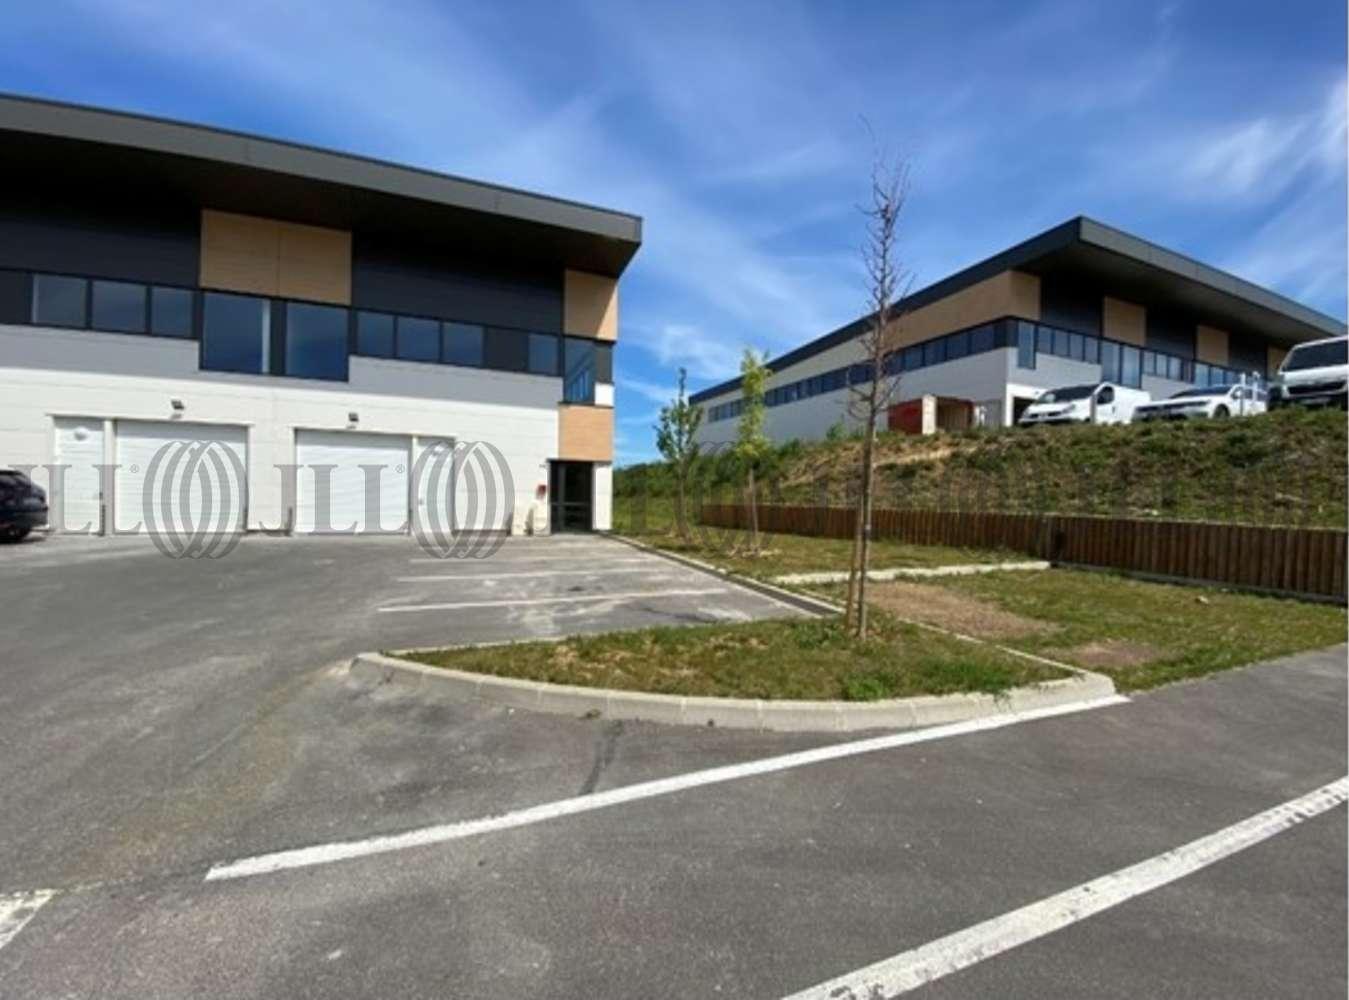 Activités/entrepôt Bussy st georges, 77600 - ZAC LEONARD DE VINCI